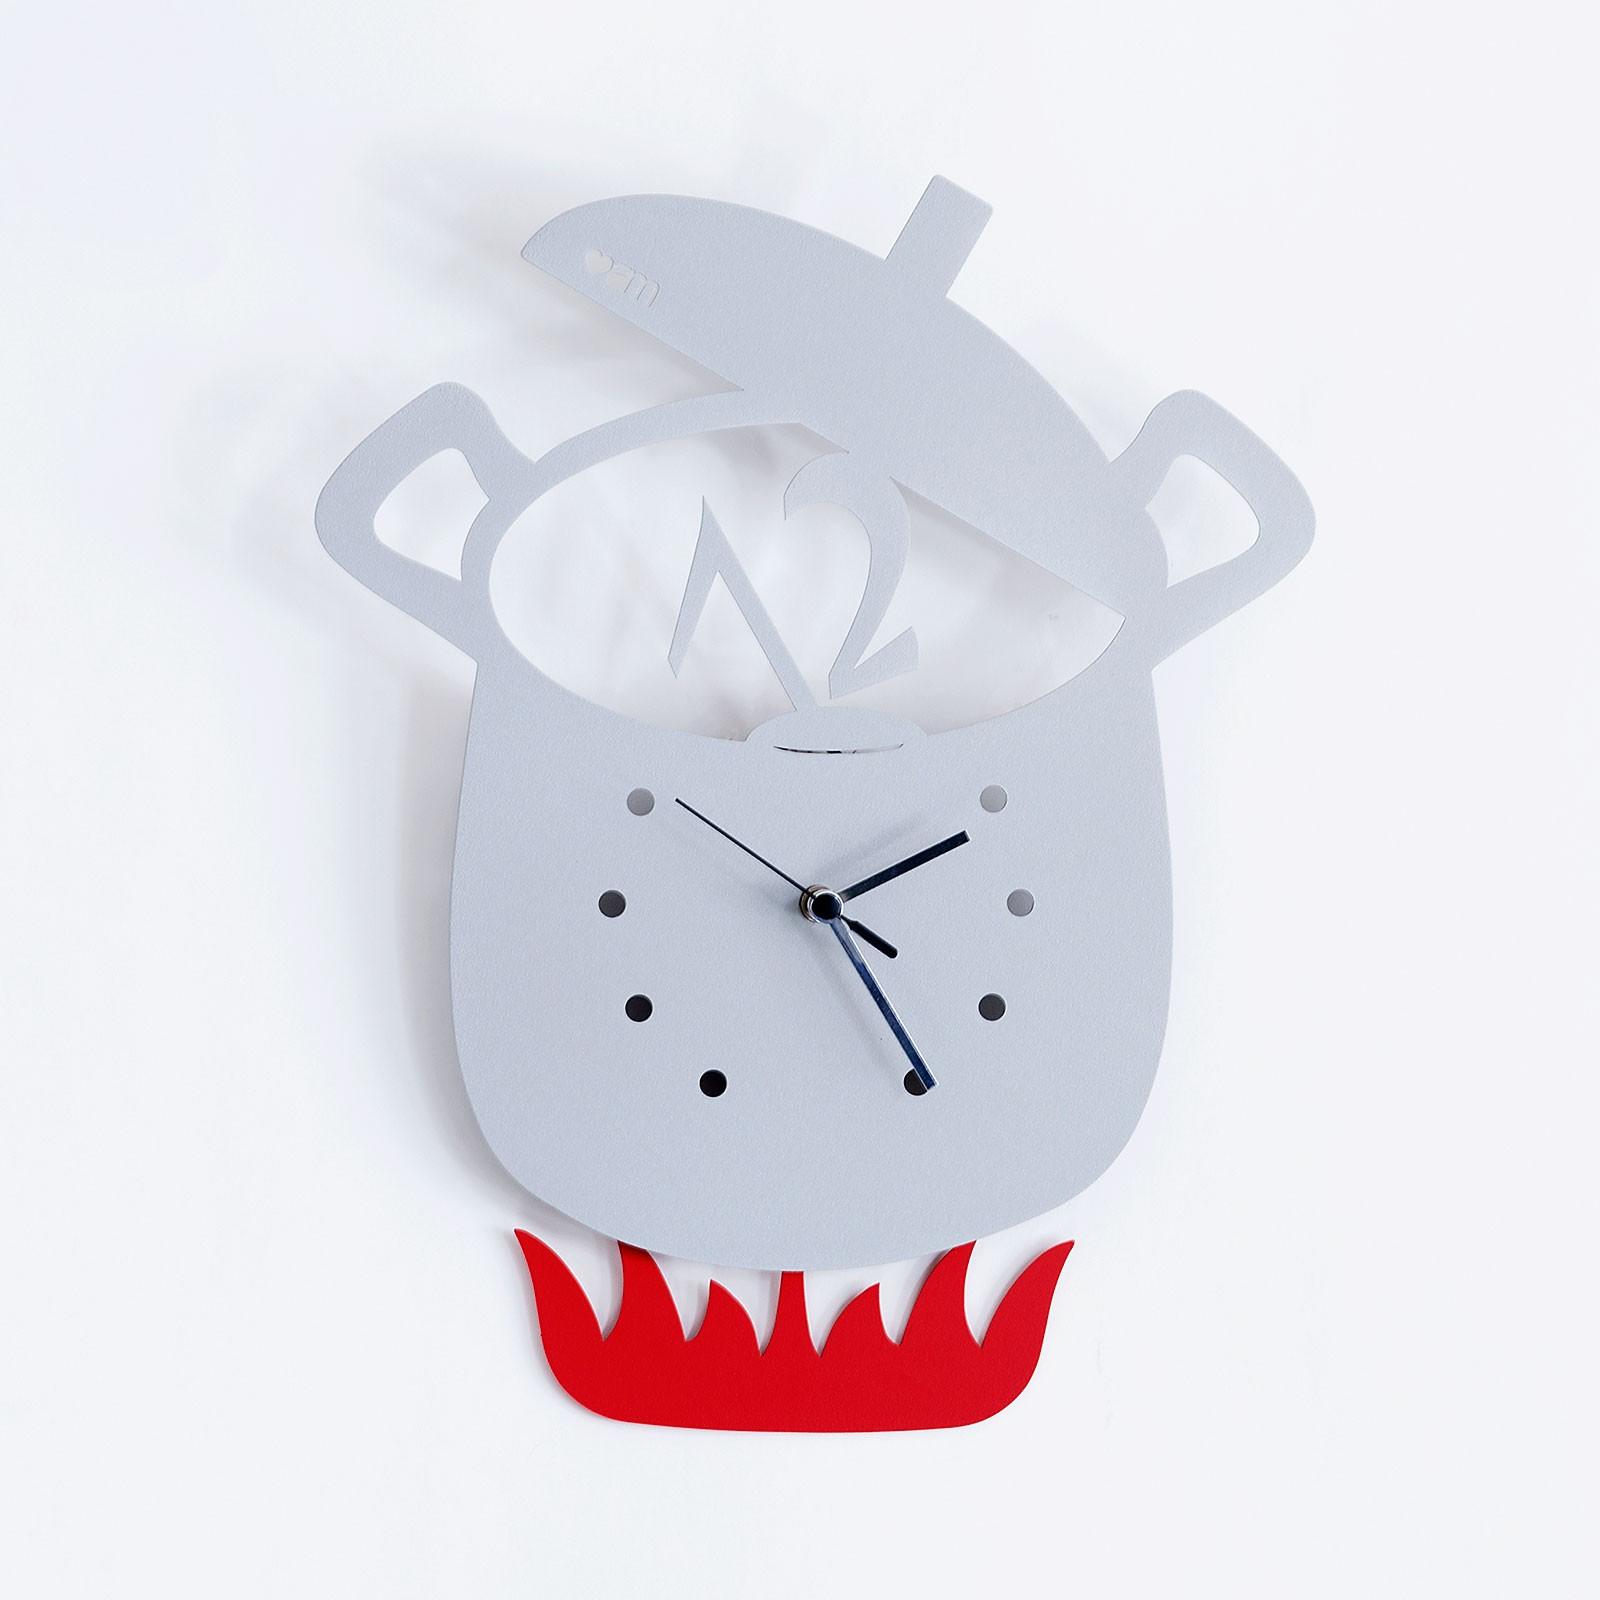 Orologio a pendolo da parete Pentola alluminio MODERNO cucina DESIGN ...